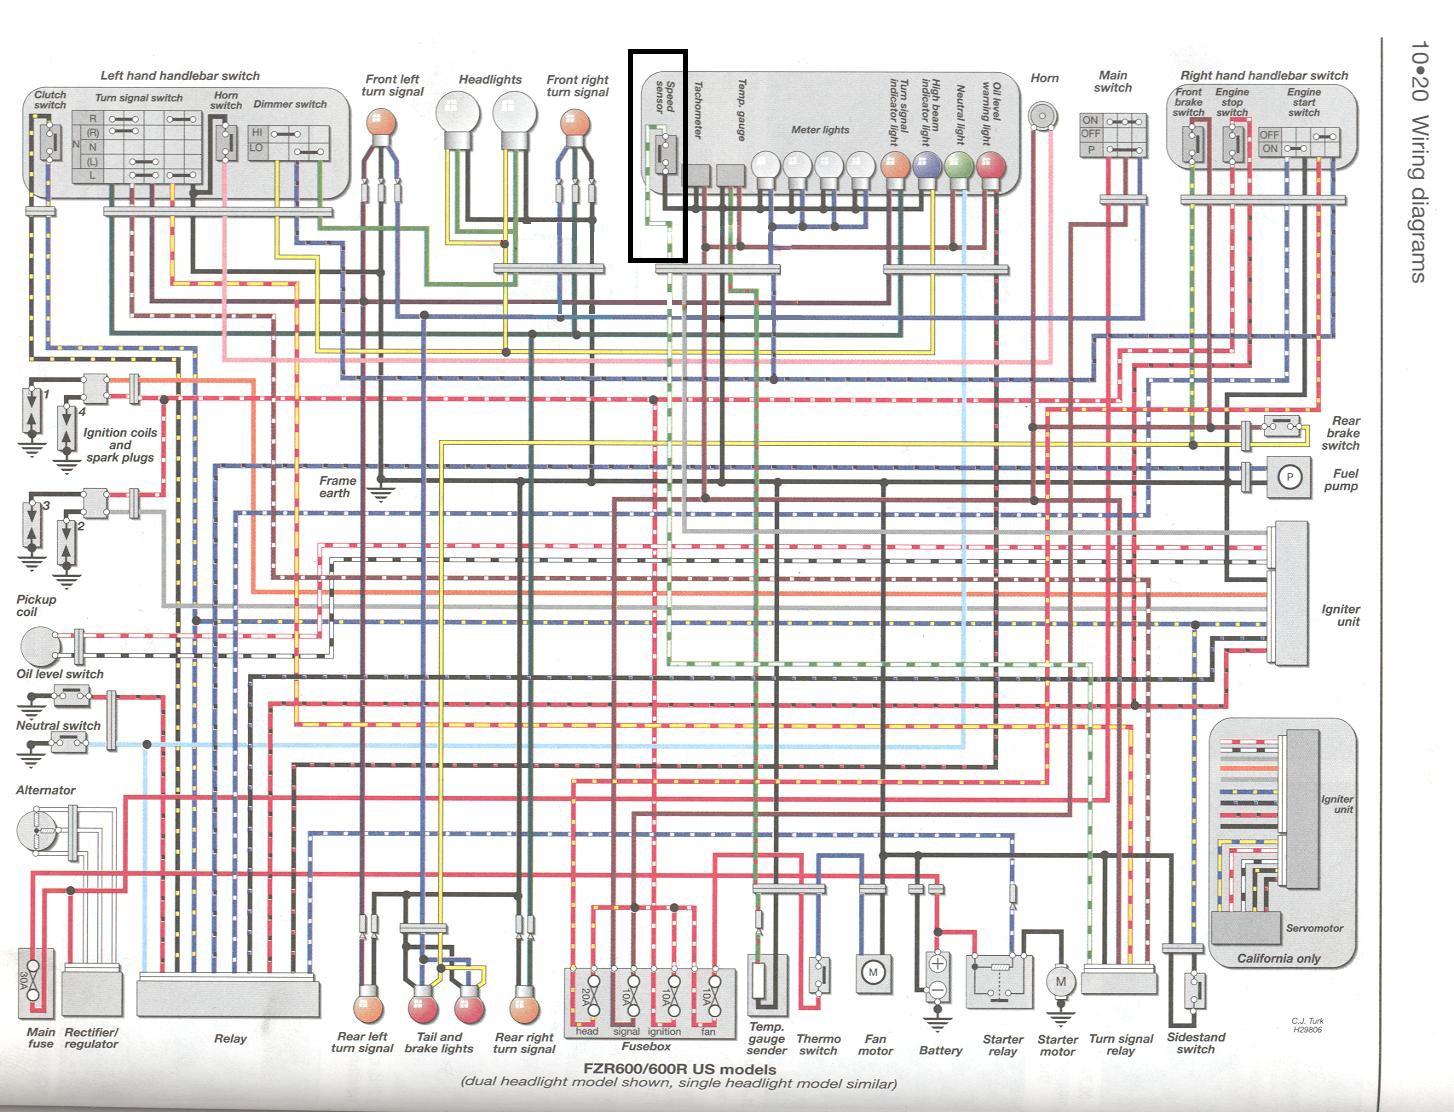 Gsxr 600 Wiring Diagram rj11 wiring